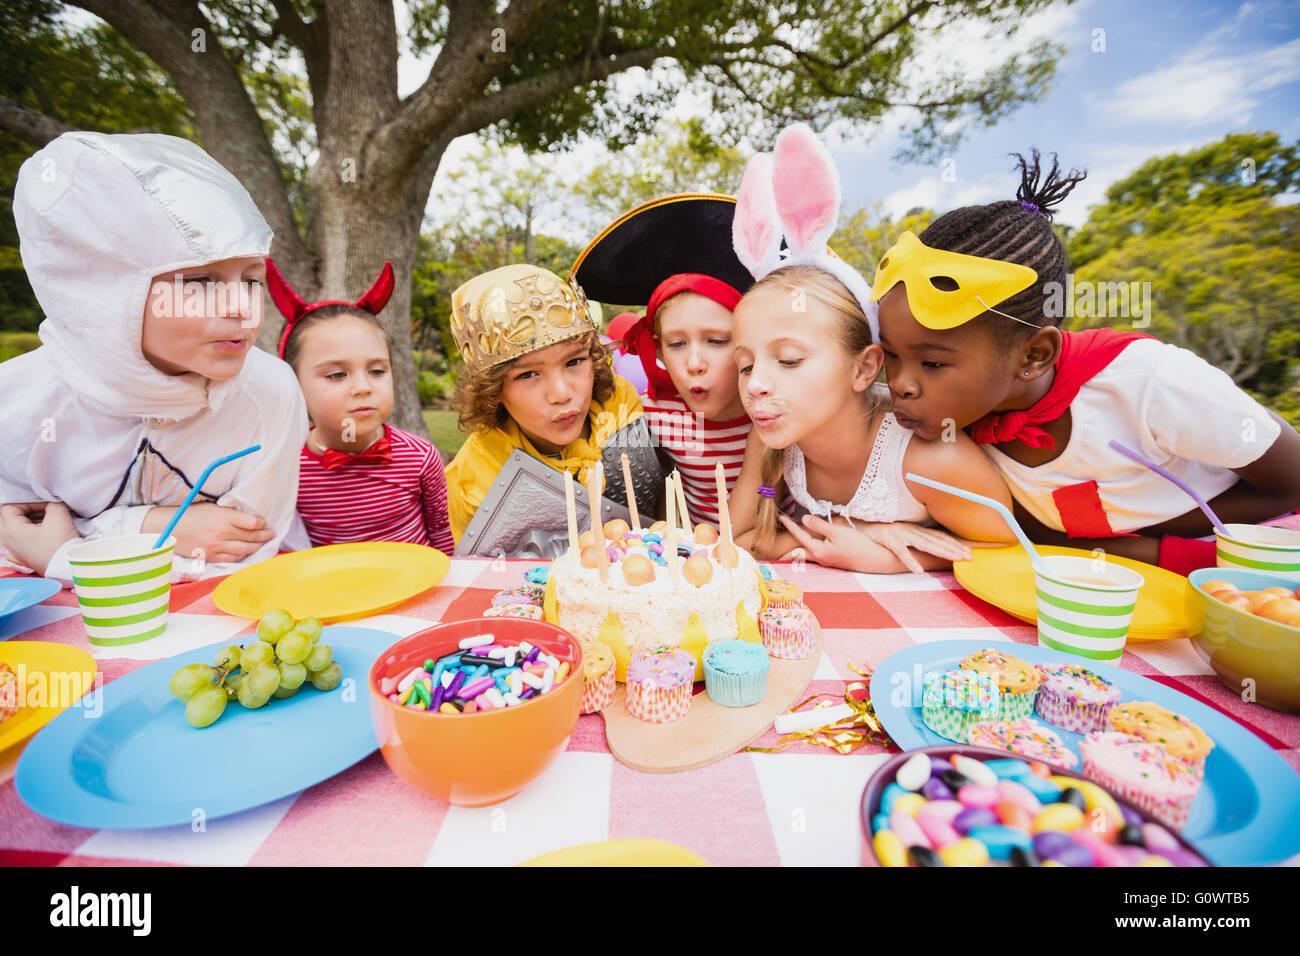 Niño lindo soplando juntos en la vela durante una fiesta de cumpleaños Imagen De Stock